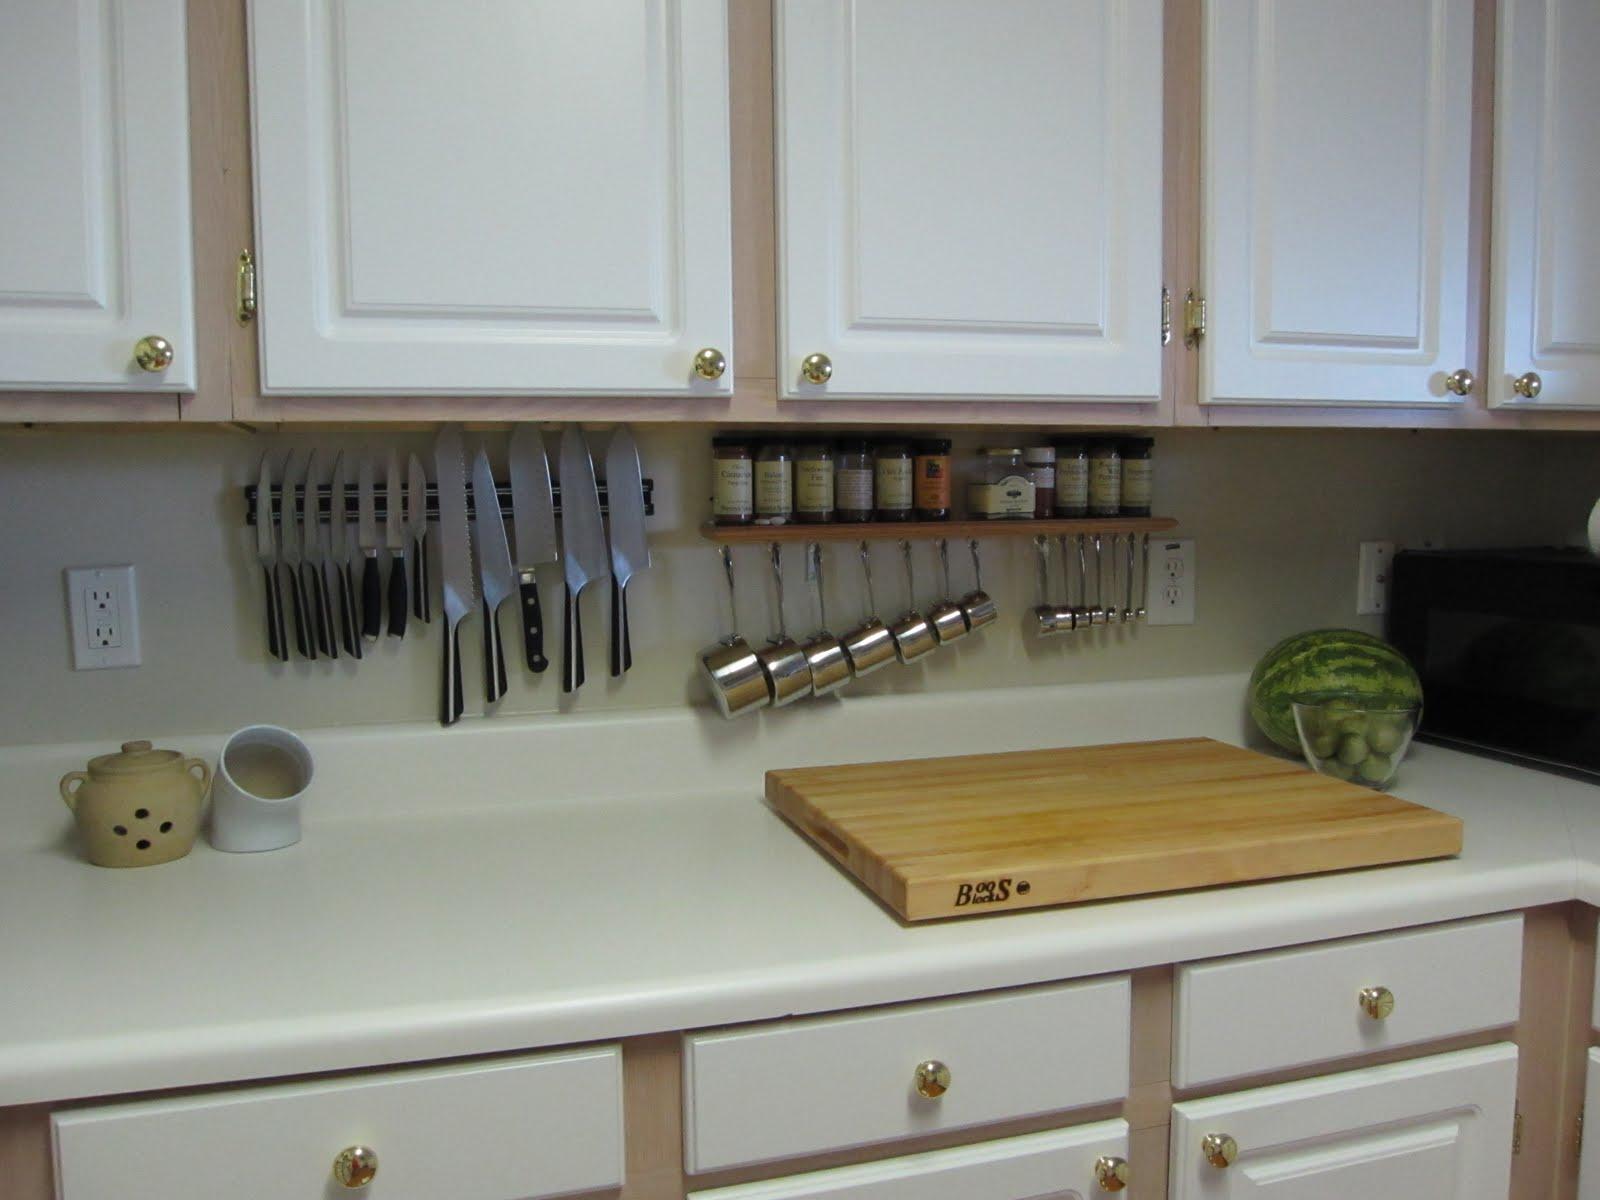 bedst-storage-til-små-køkkener